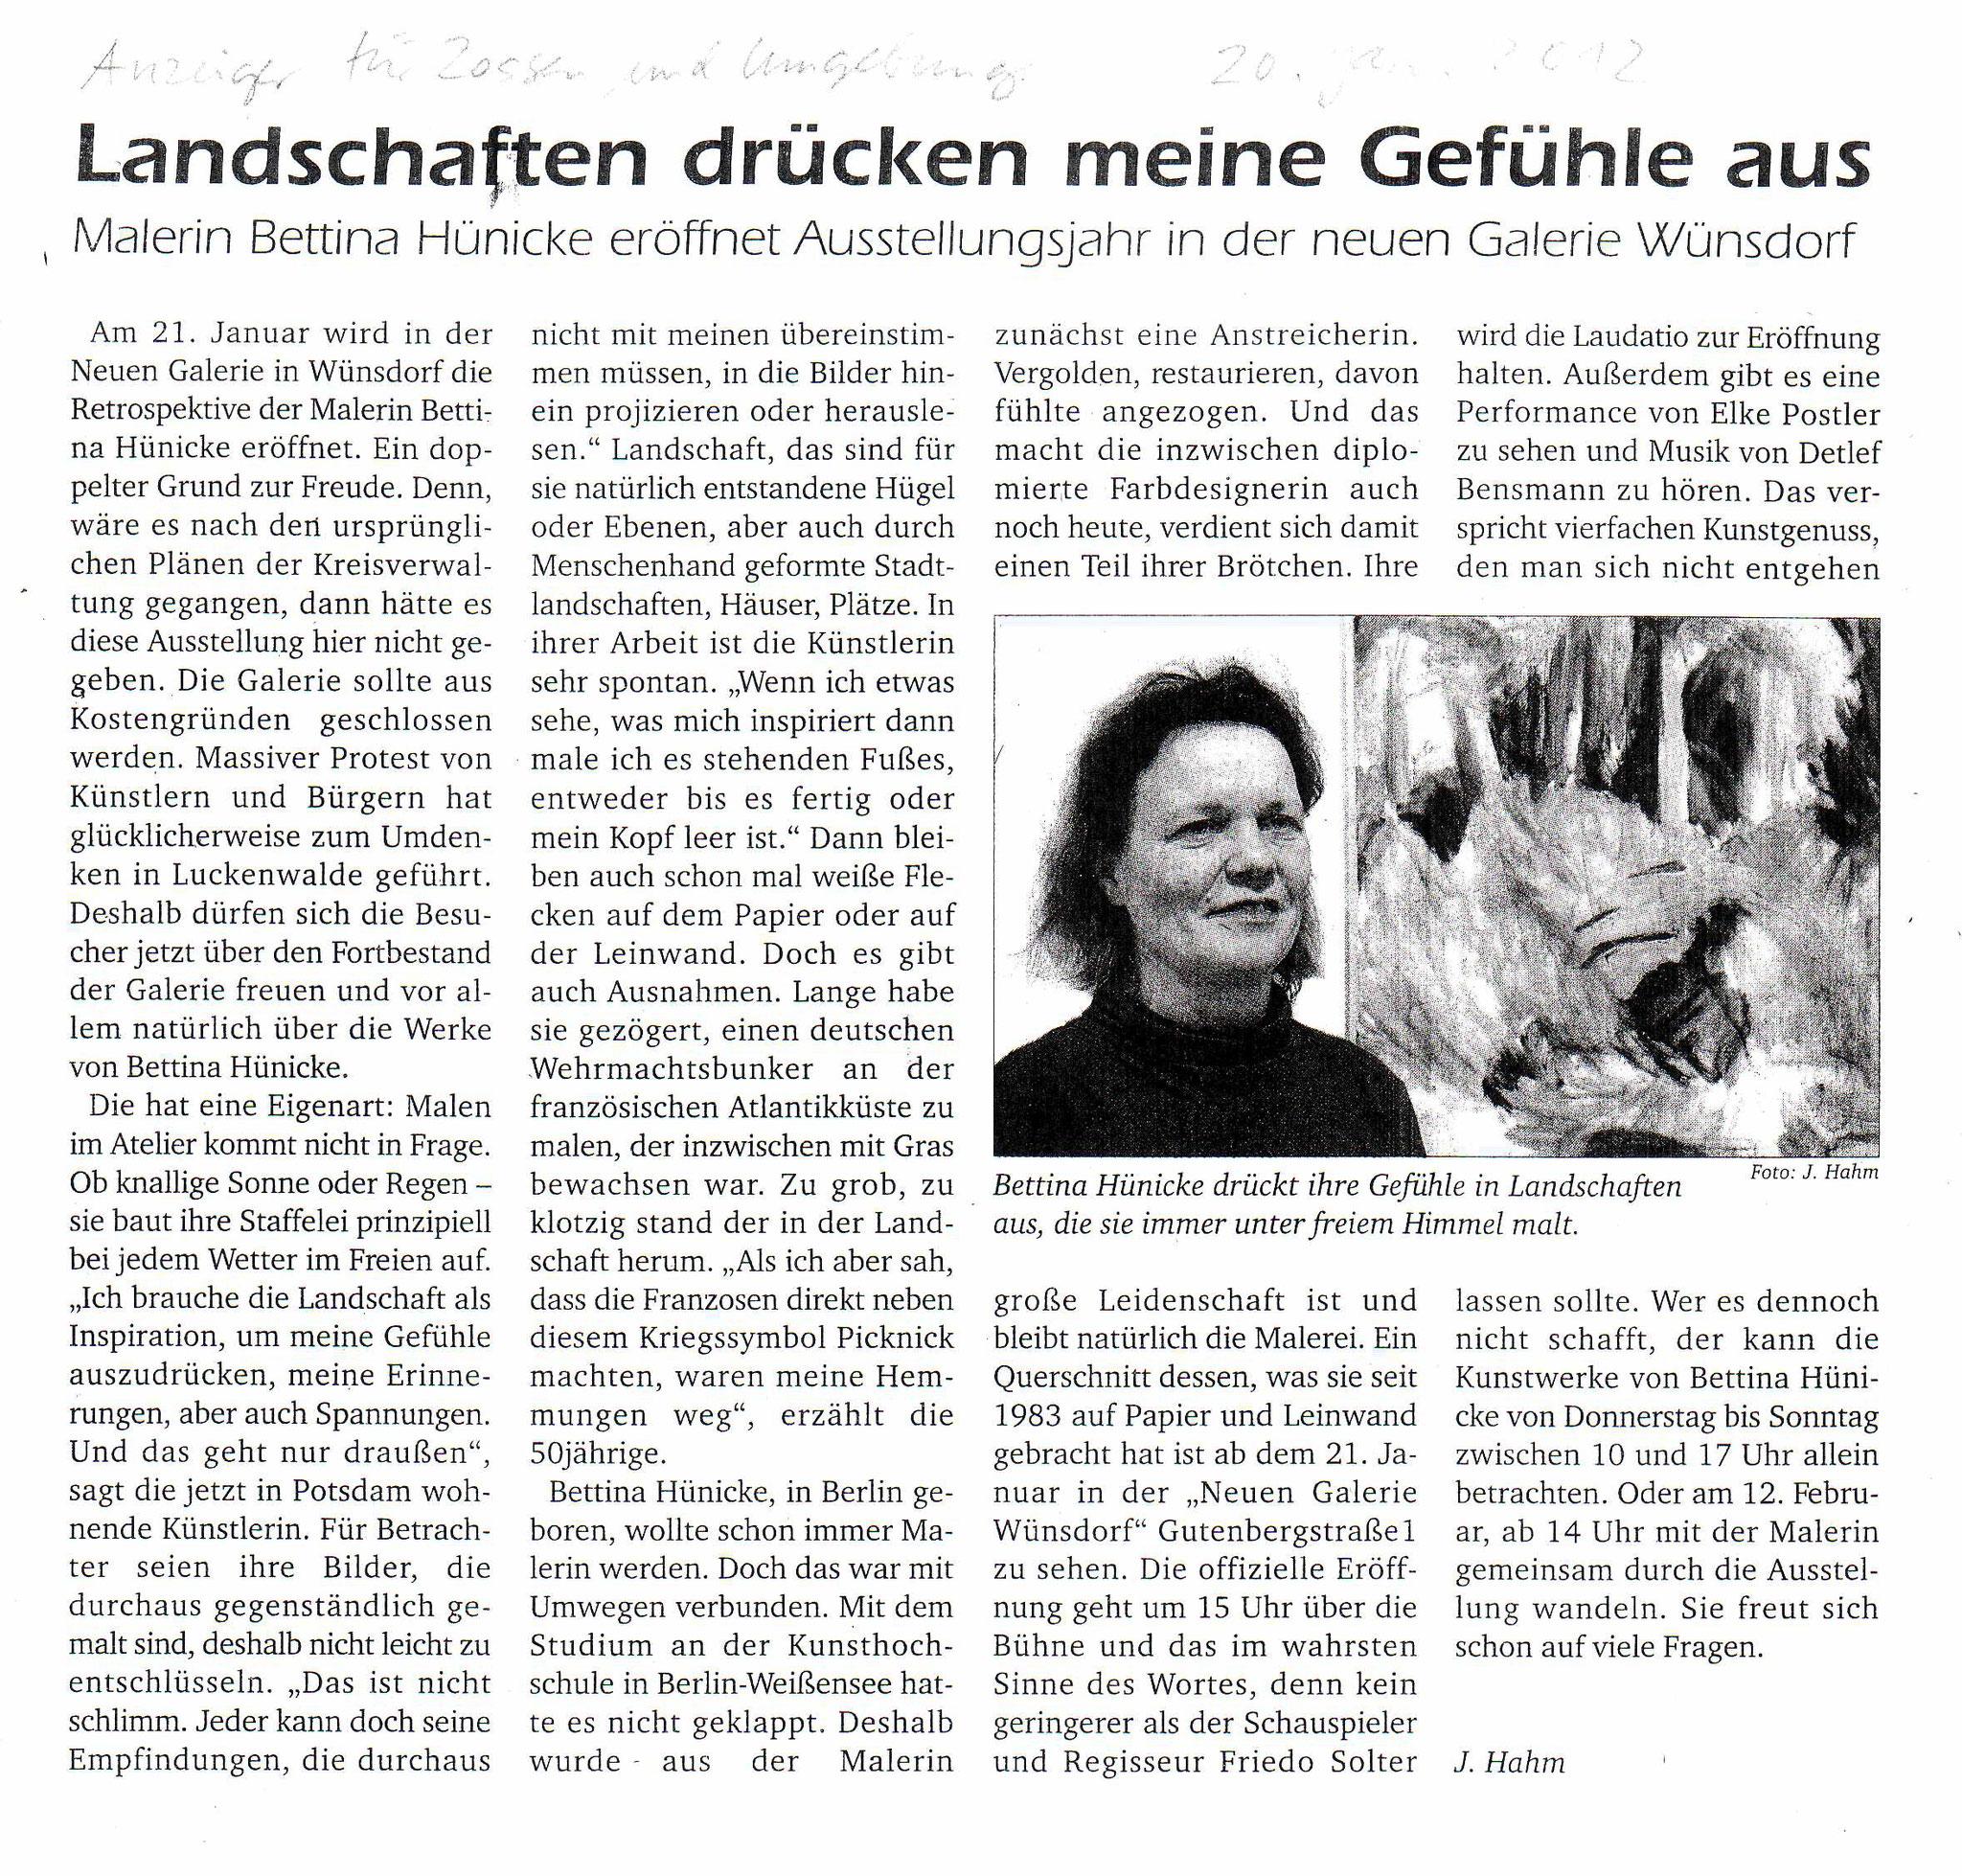 Januar 2012: Landschaften drücken meine Gefühle aus Anzeiger für Zossen und Umgebung, 20.01.2012, Rezension von Jürgen Hahm